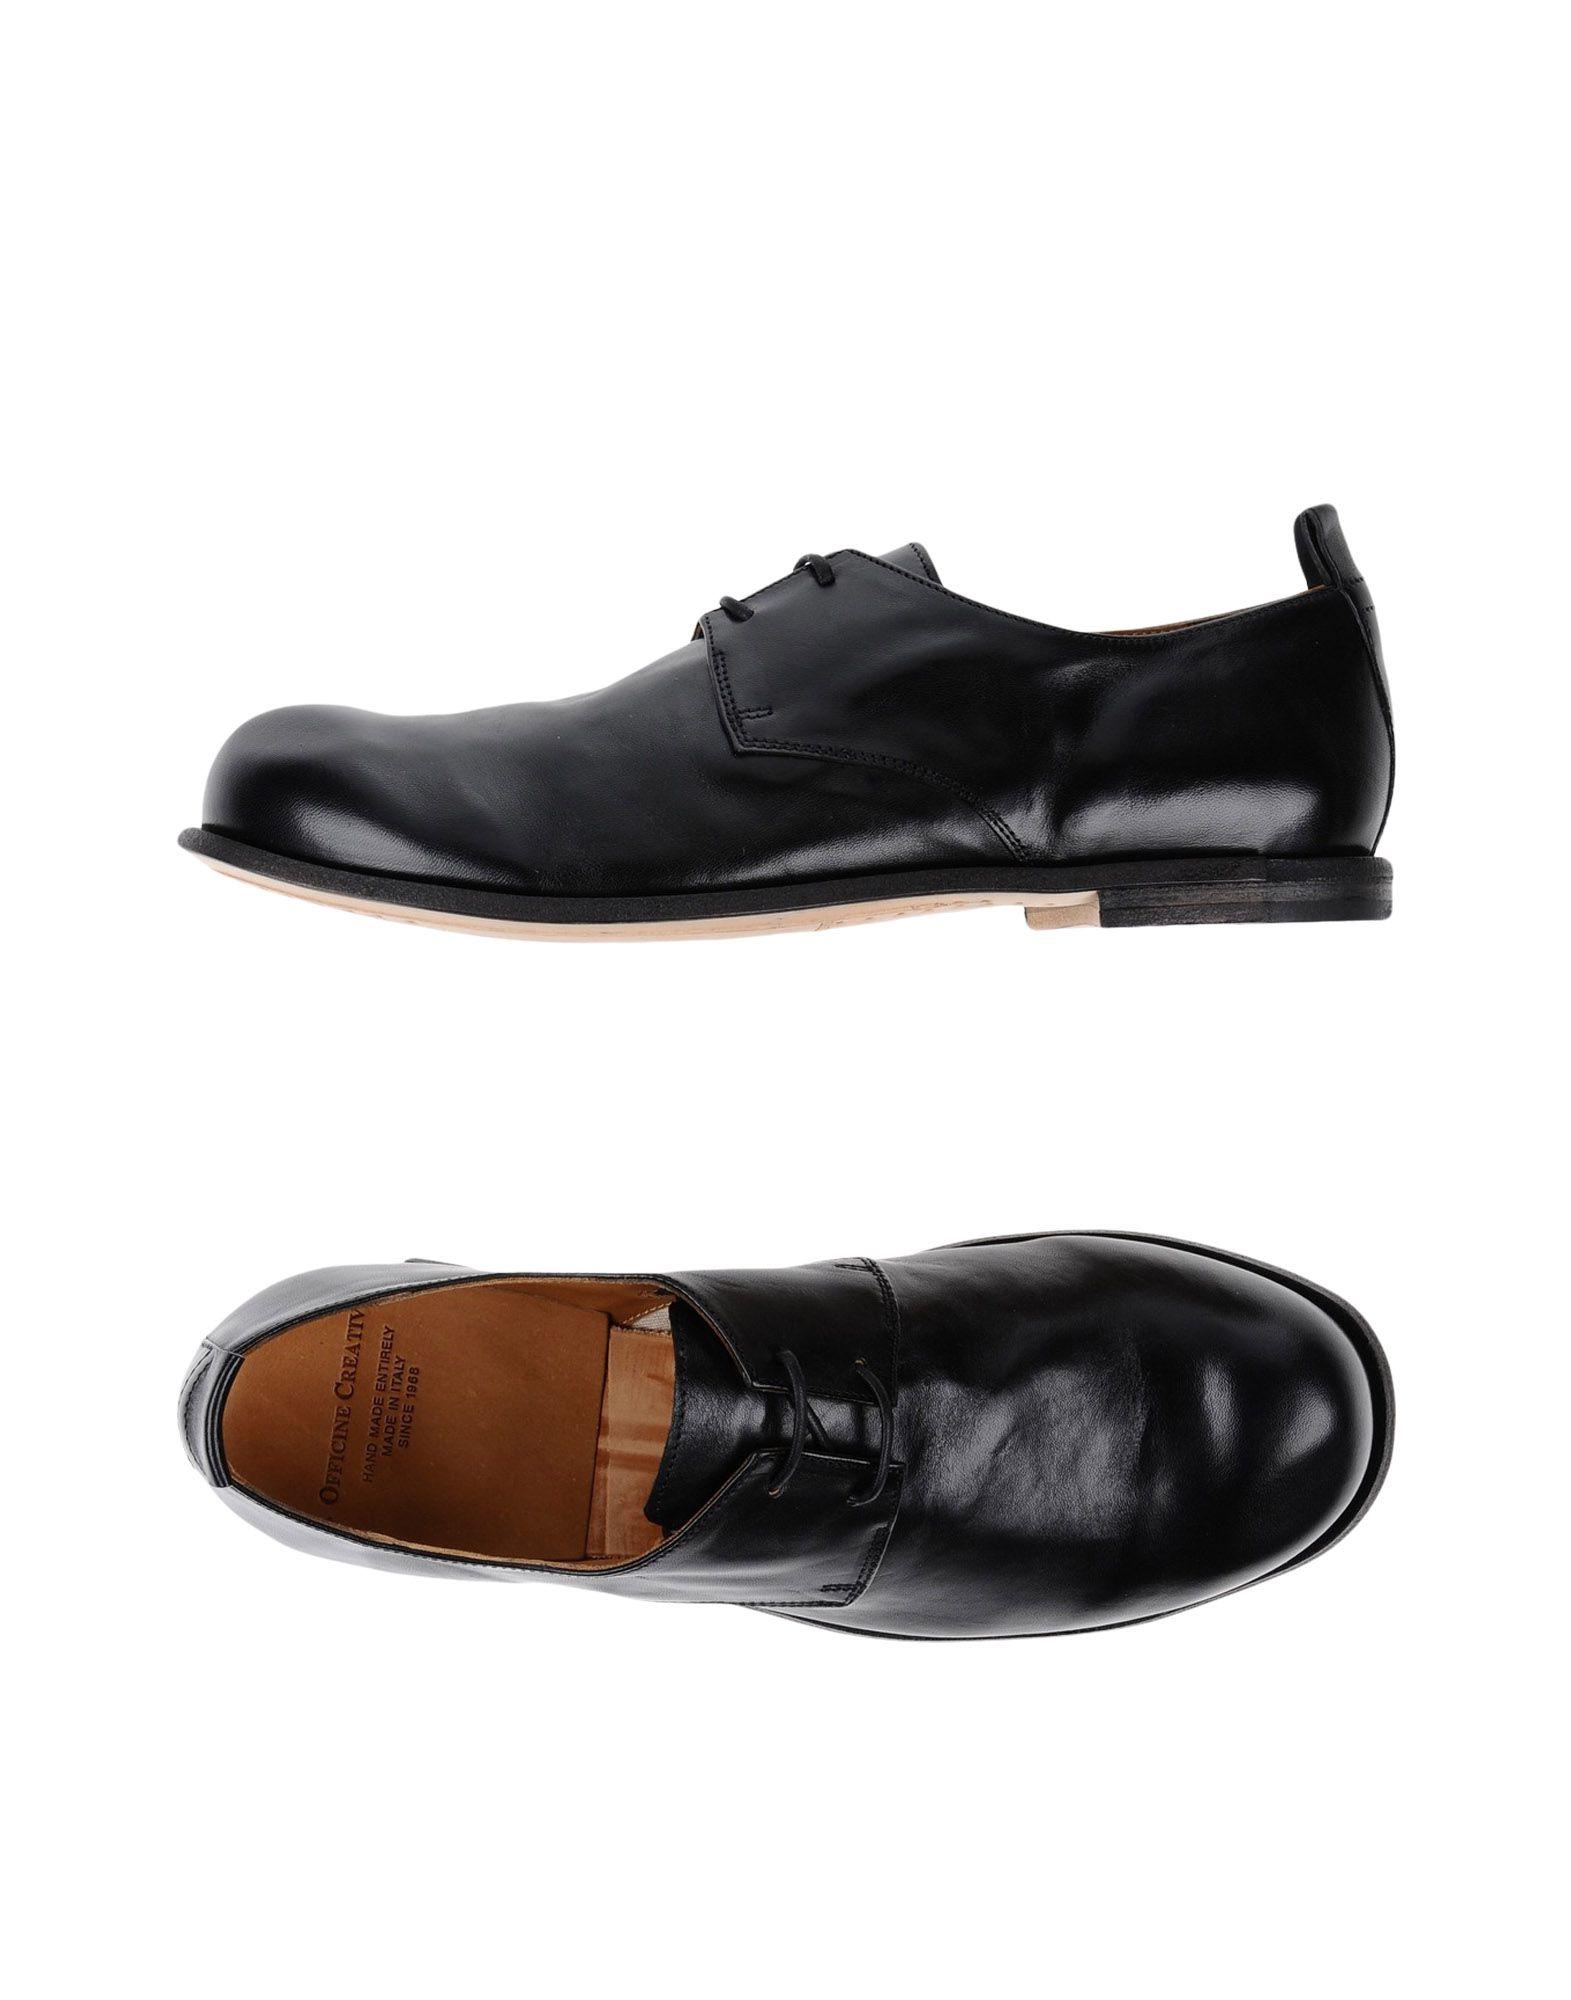 Officine Creative Italia Schnürschuhe Herren  11333435KI Gute Qualität beliebte Schuhe